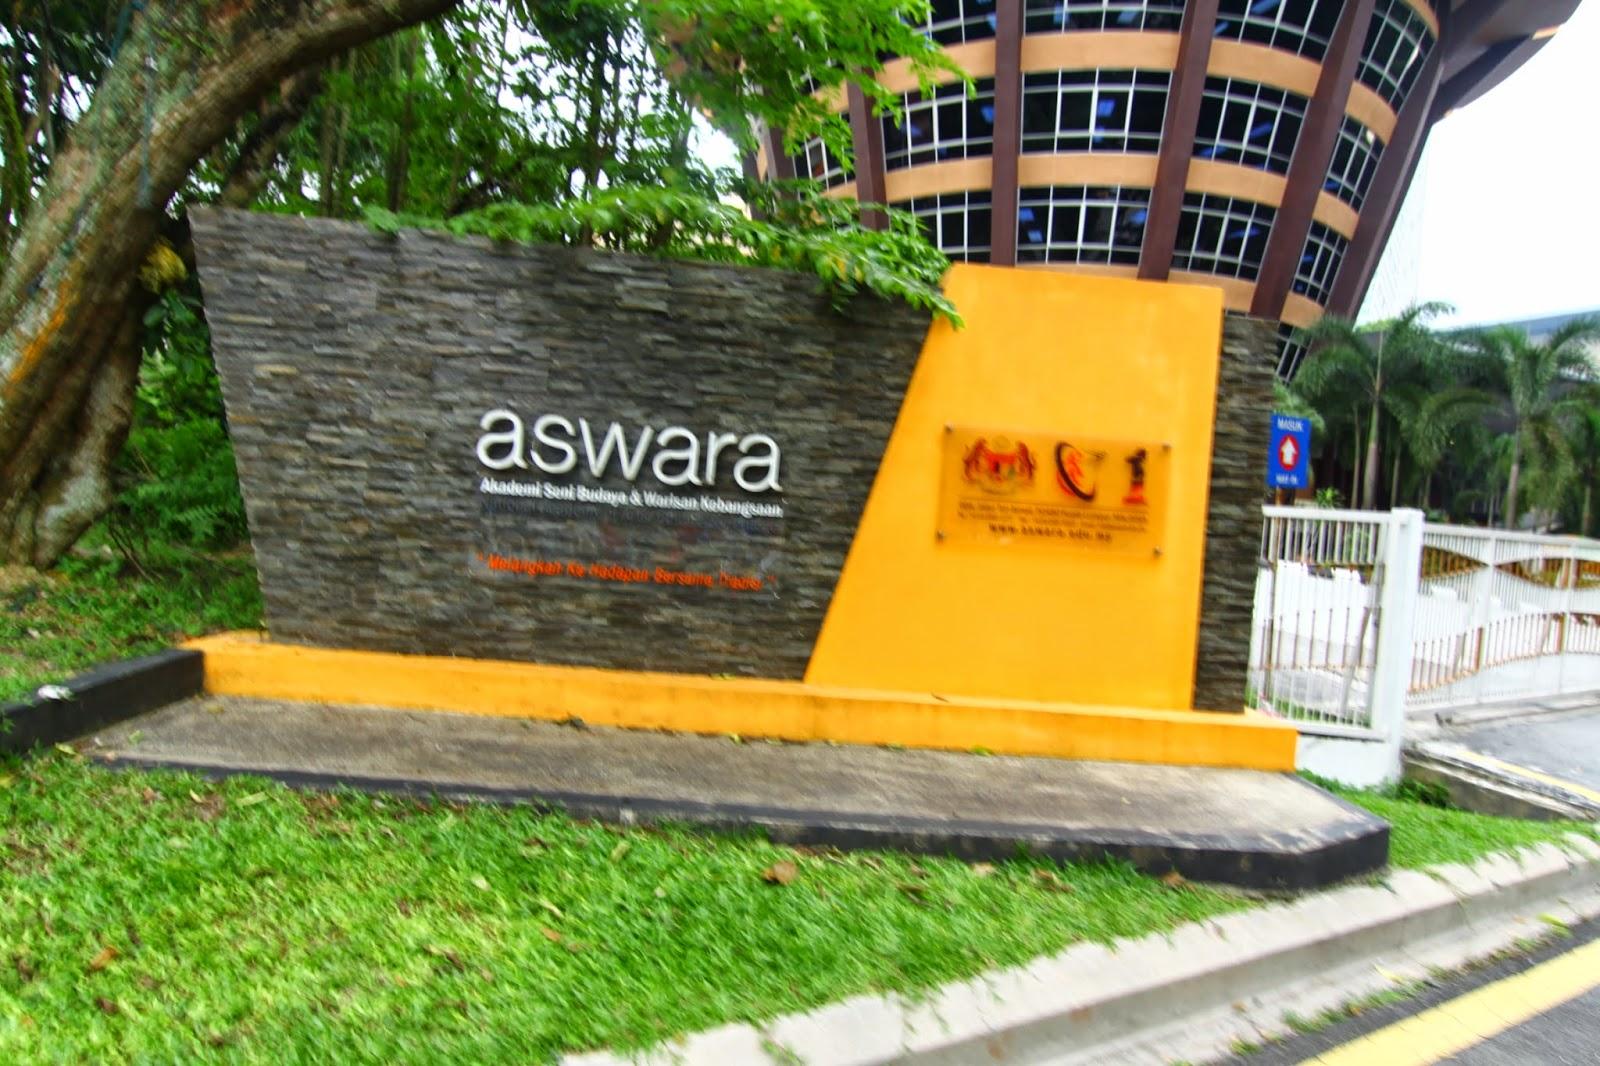 ASWARA Akademi Seni dan Warisan Malaysia